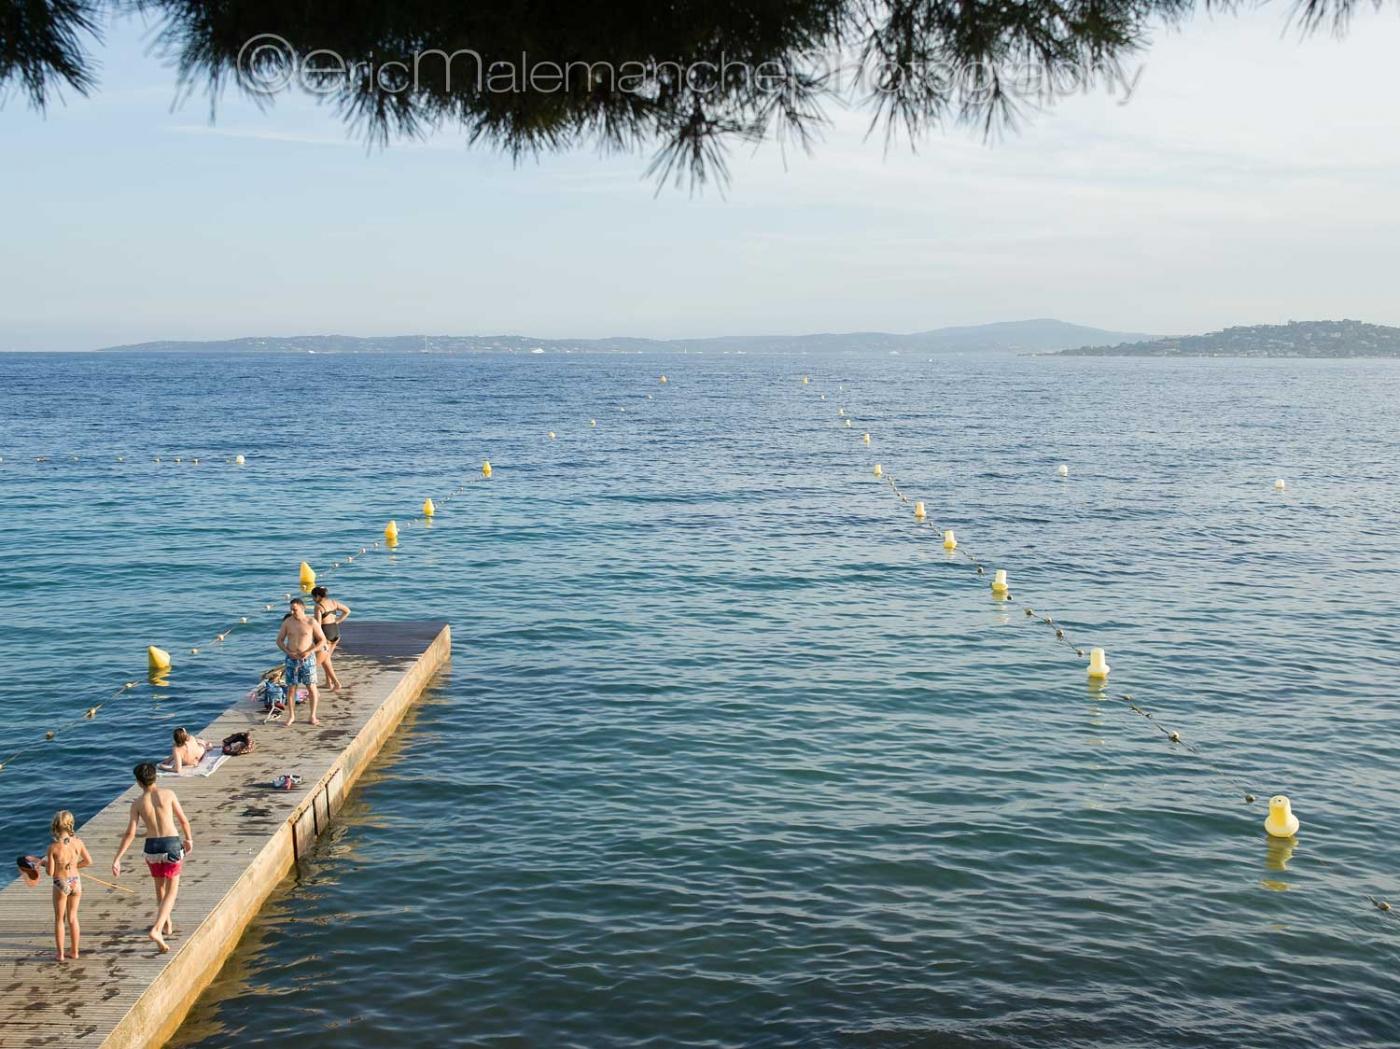 https://www.ericmalemanche.com/imagess/topics/les-conges/liste/vacances-cote-d-azur.jpg